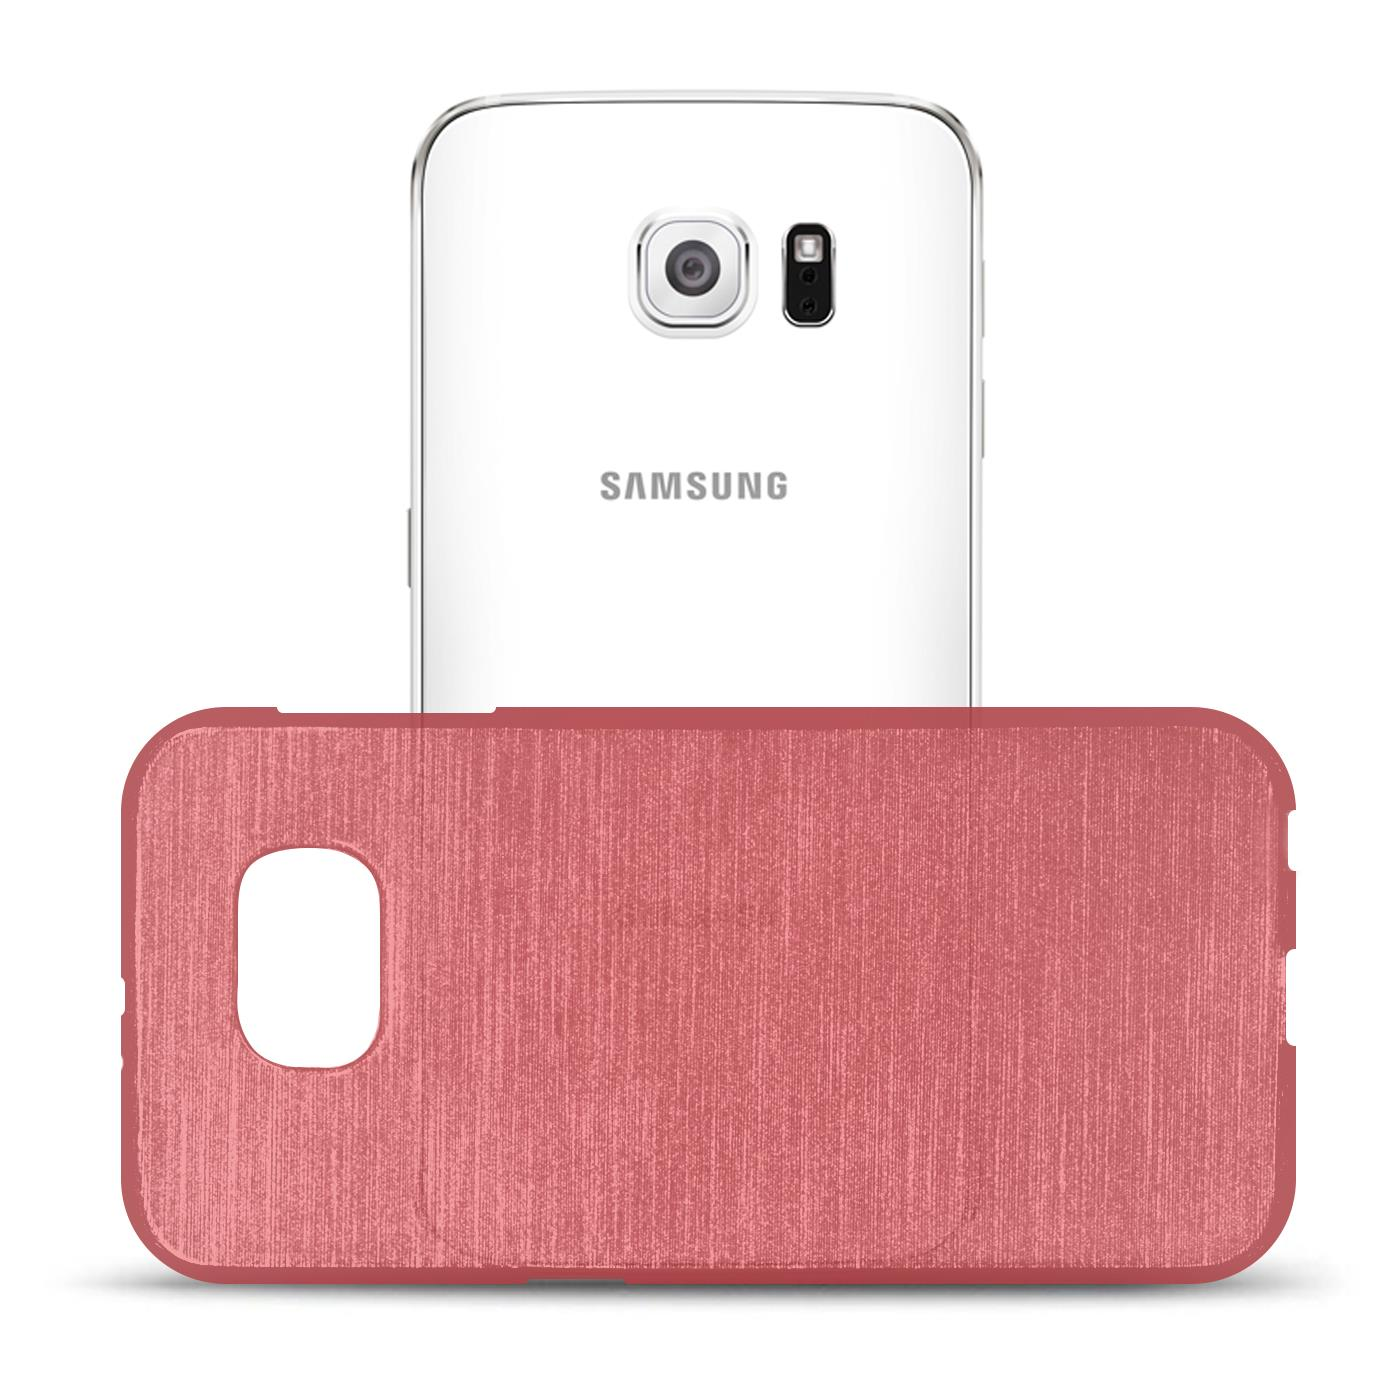 Silikon-Bumper-Case-fuer-Samsung-Galaxy-s6-duenne-ultra-slim-Stossfeste-Rueckschale Indexbild 24